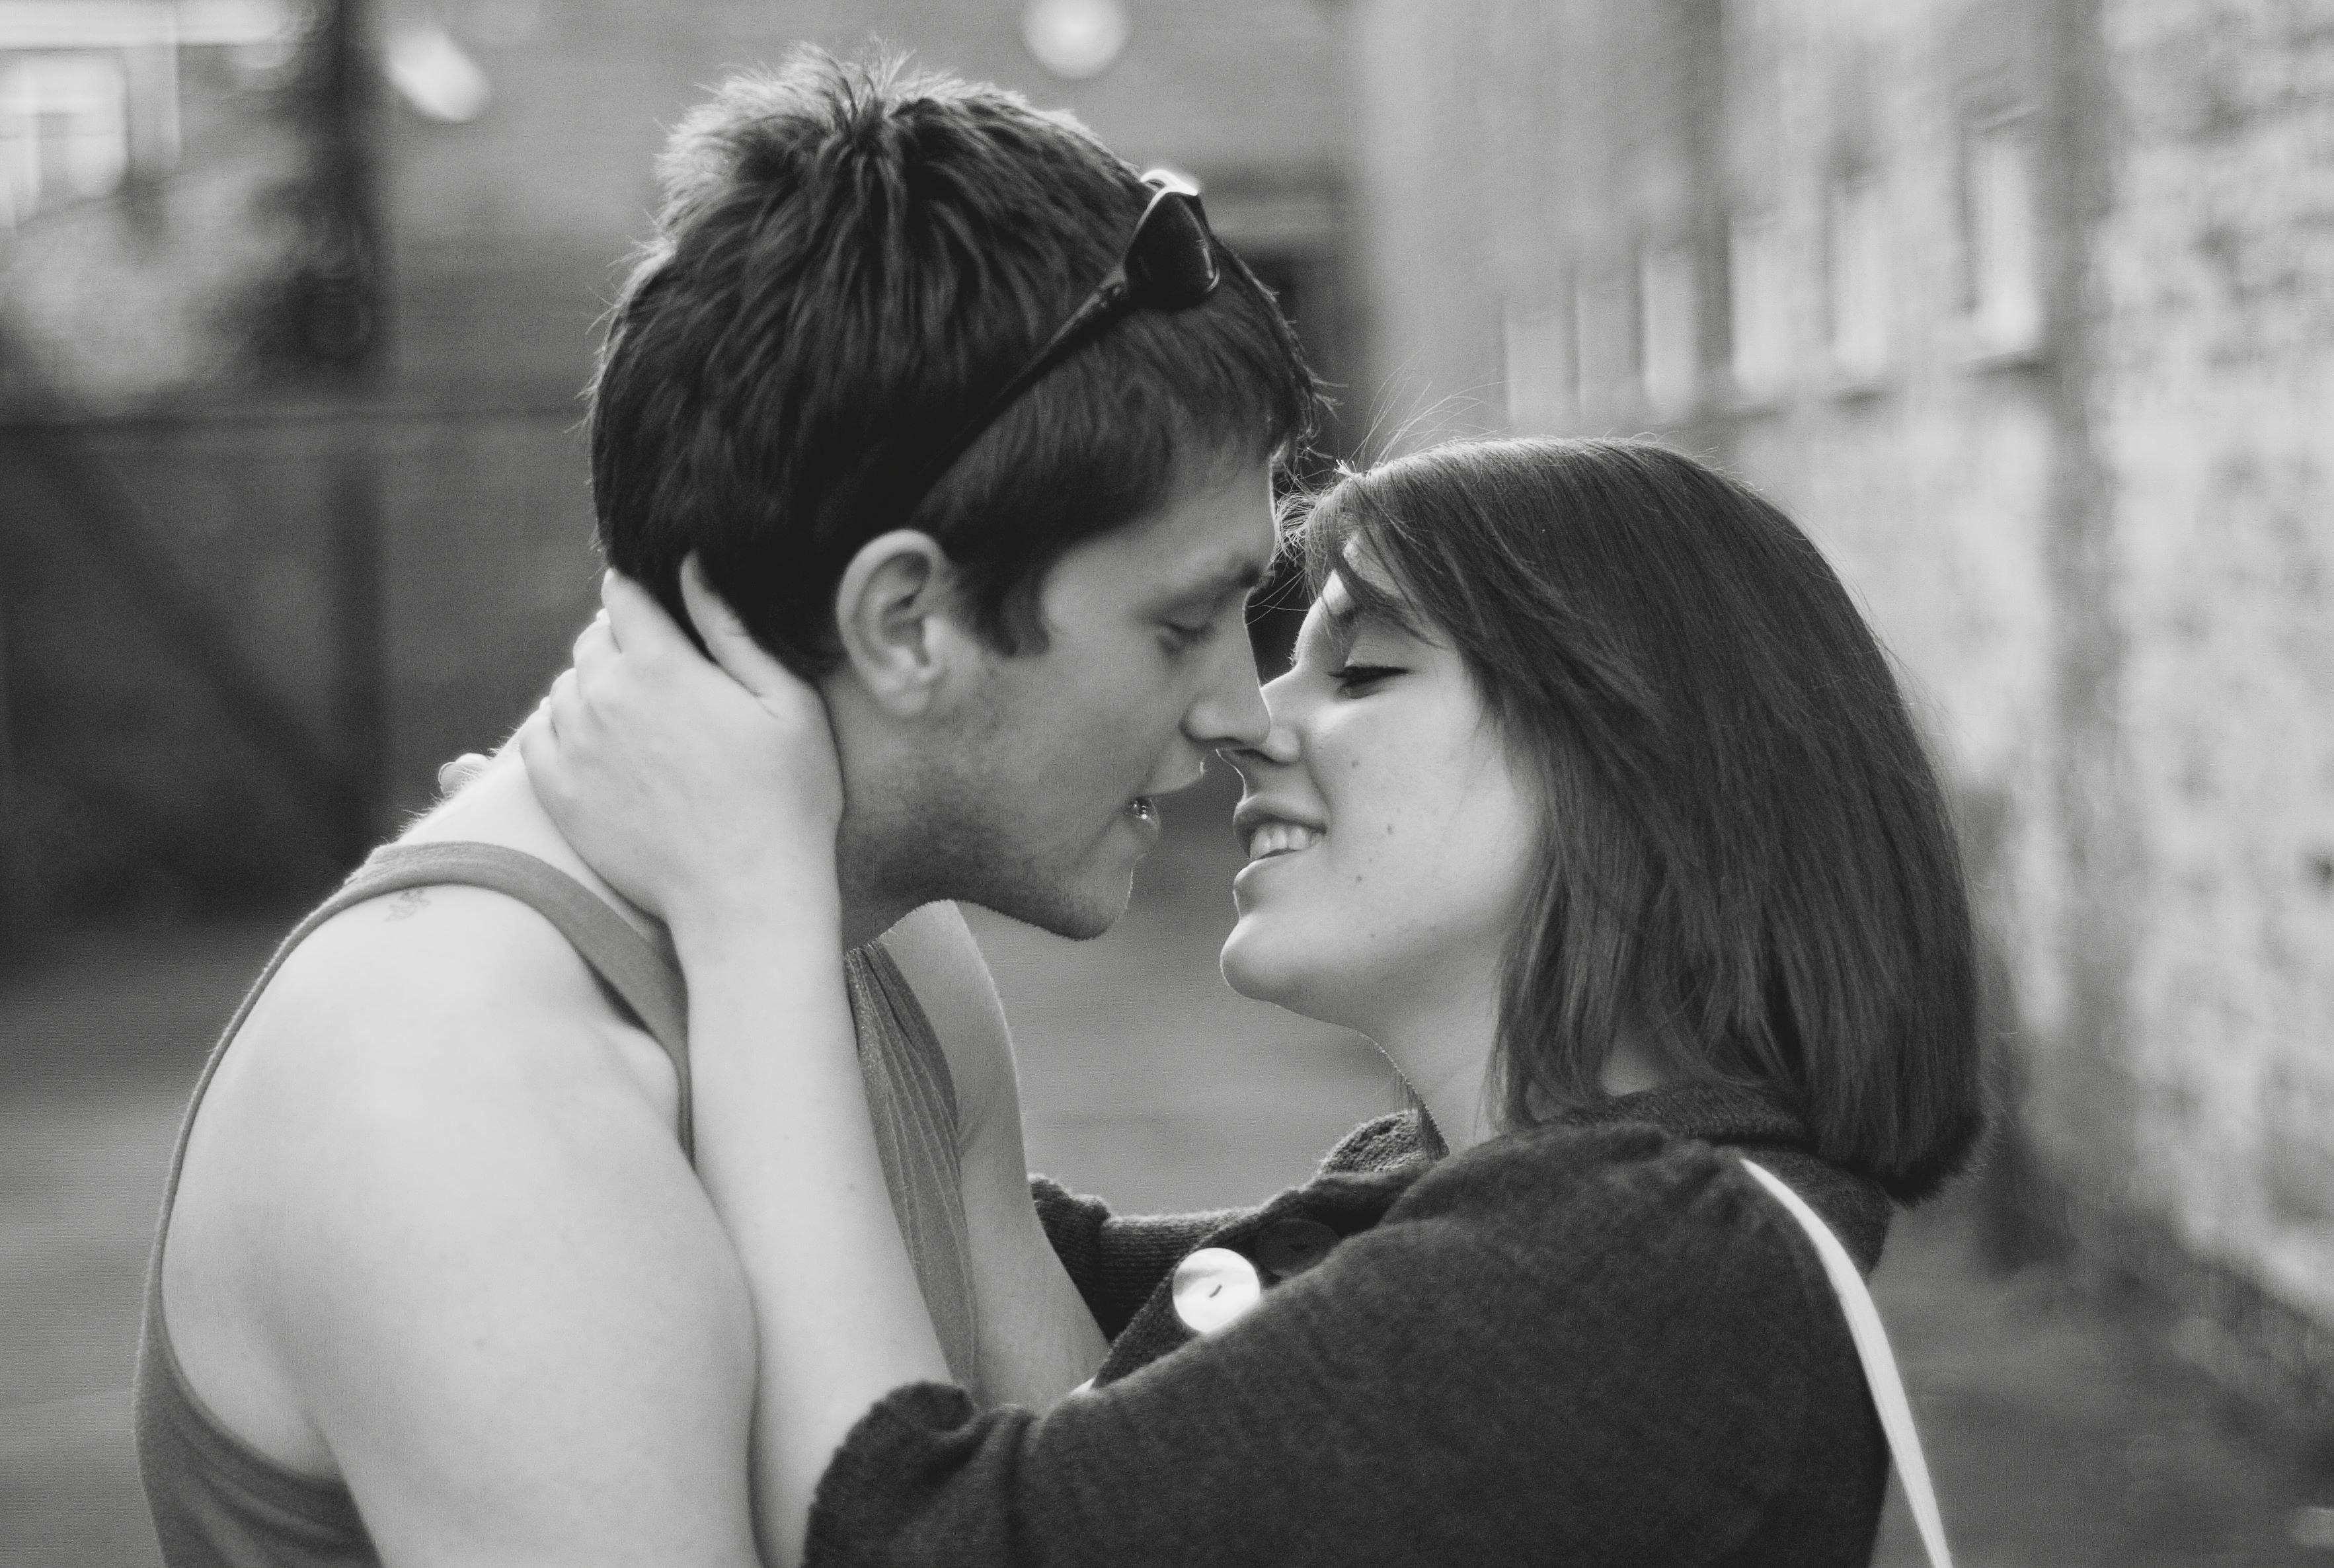 радости целоваться с мужчиной картинки что оказаться